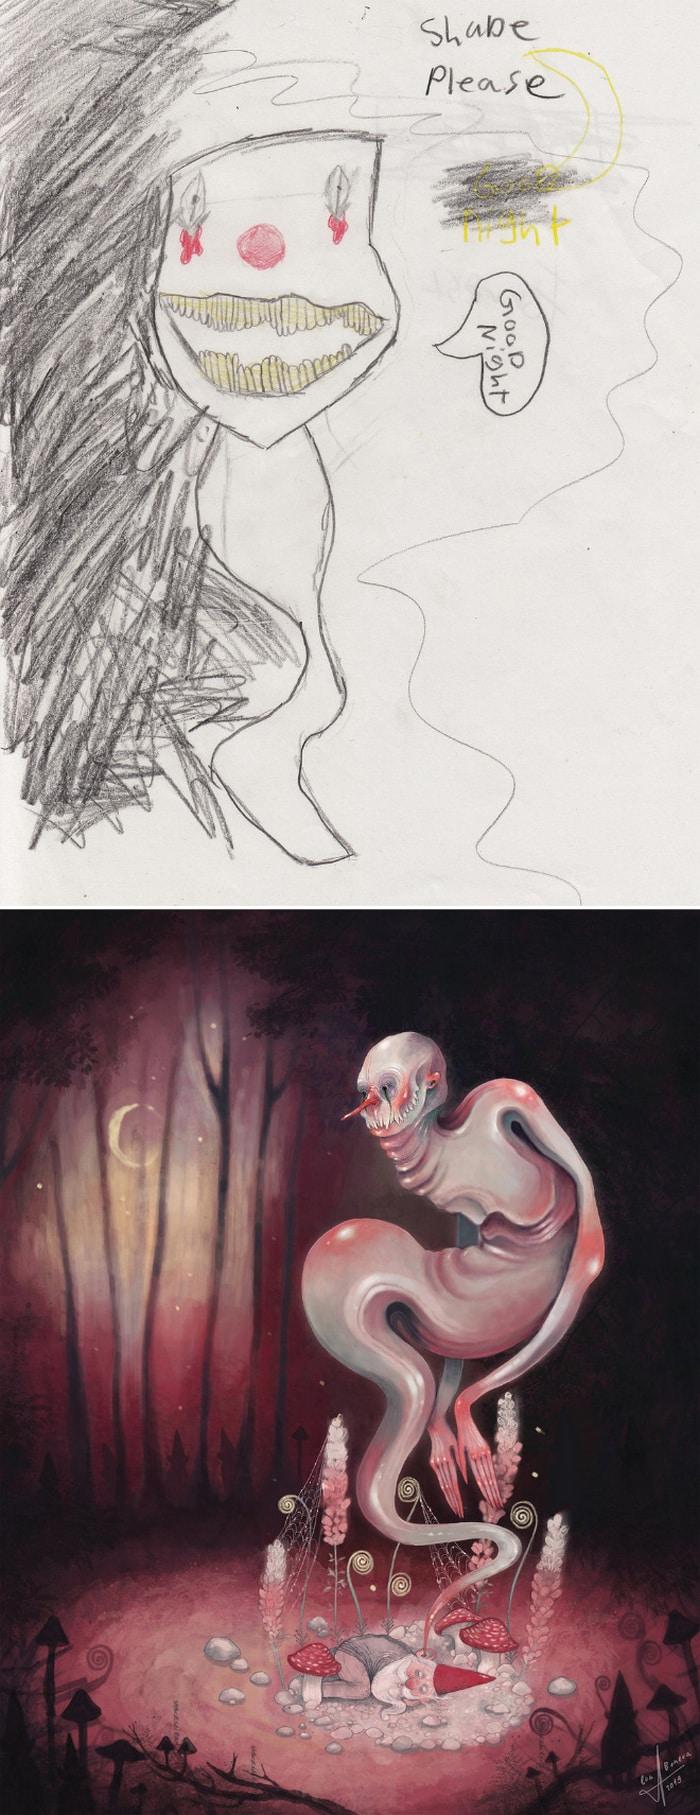 Projeto Monstro - Crianças desenham monstros e artistas recriam com sua arte 19